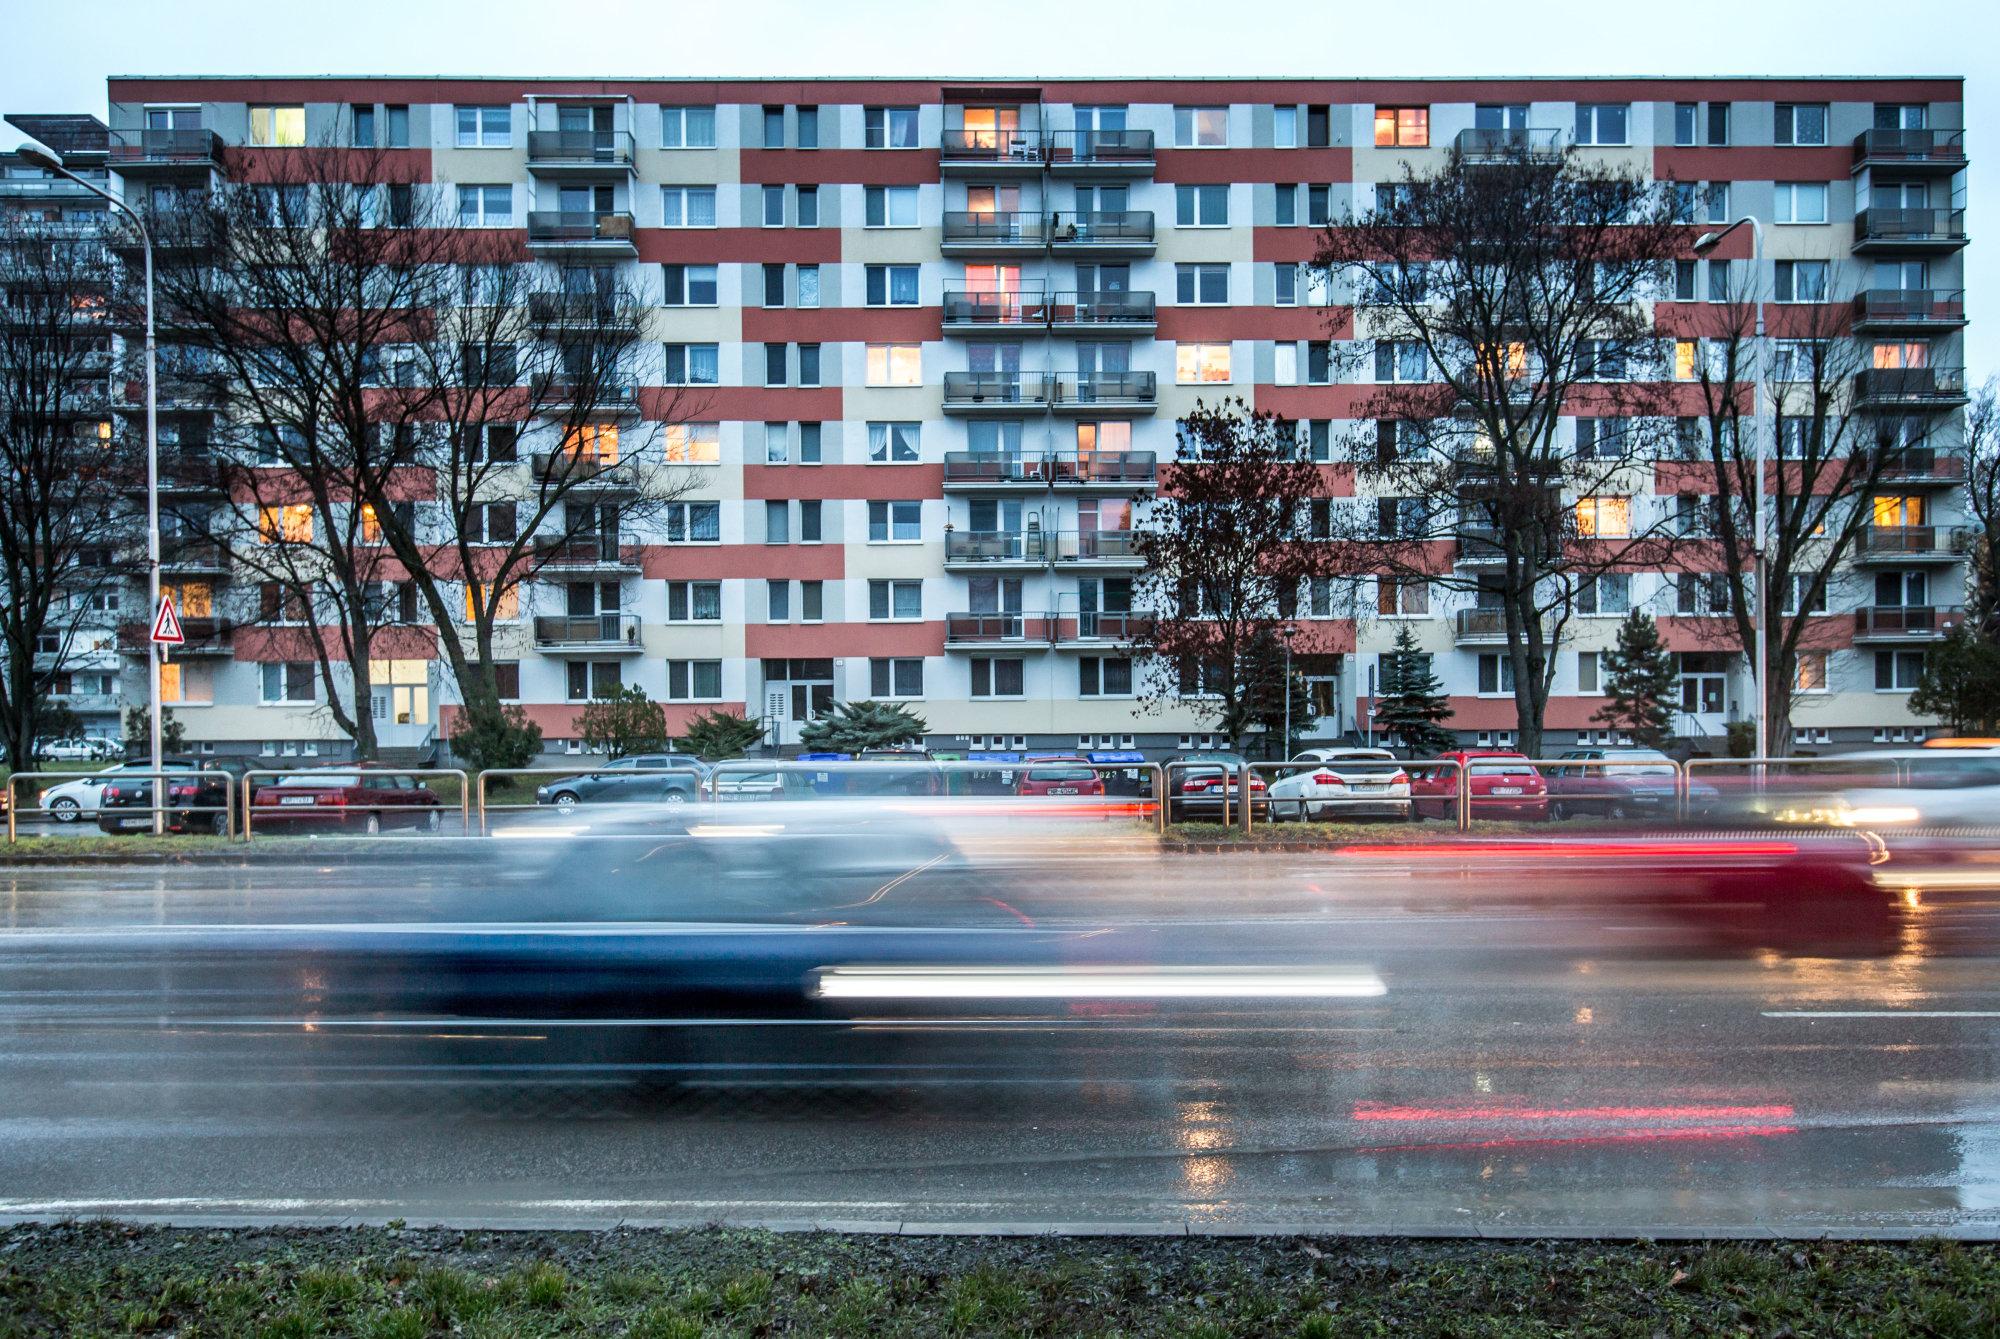 Tretia najziskovejšia na Slovensku je neznáma schránková eseročka s väzbou na kauzu kompa – Denník N